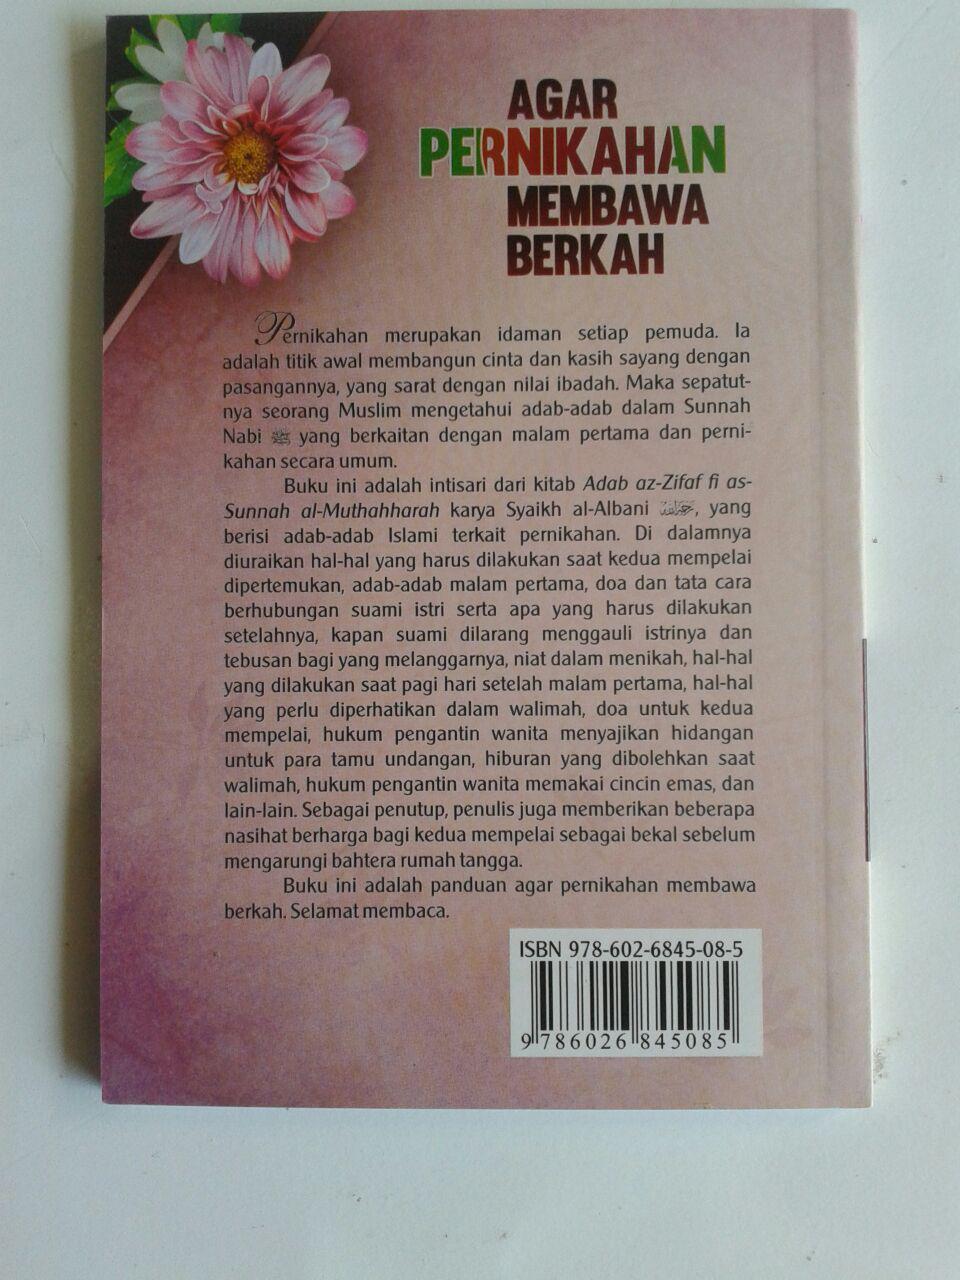 BK2023 Buku Saku Agar Pernikahan Membawa Berkah 7,000 15% 5,950 cover